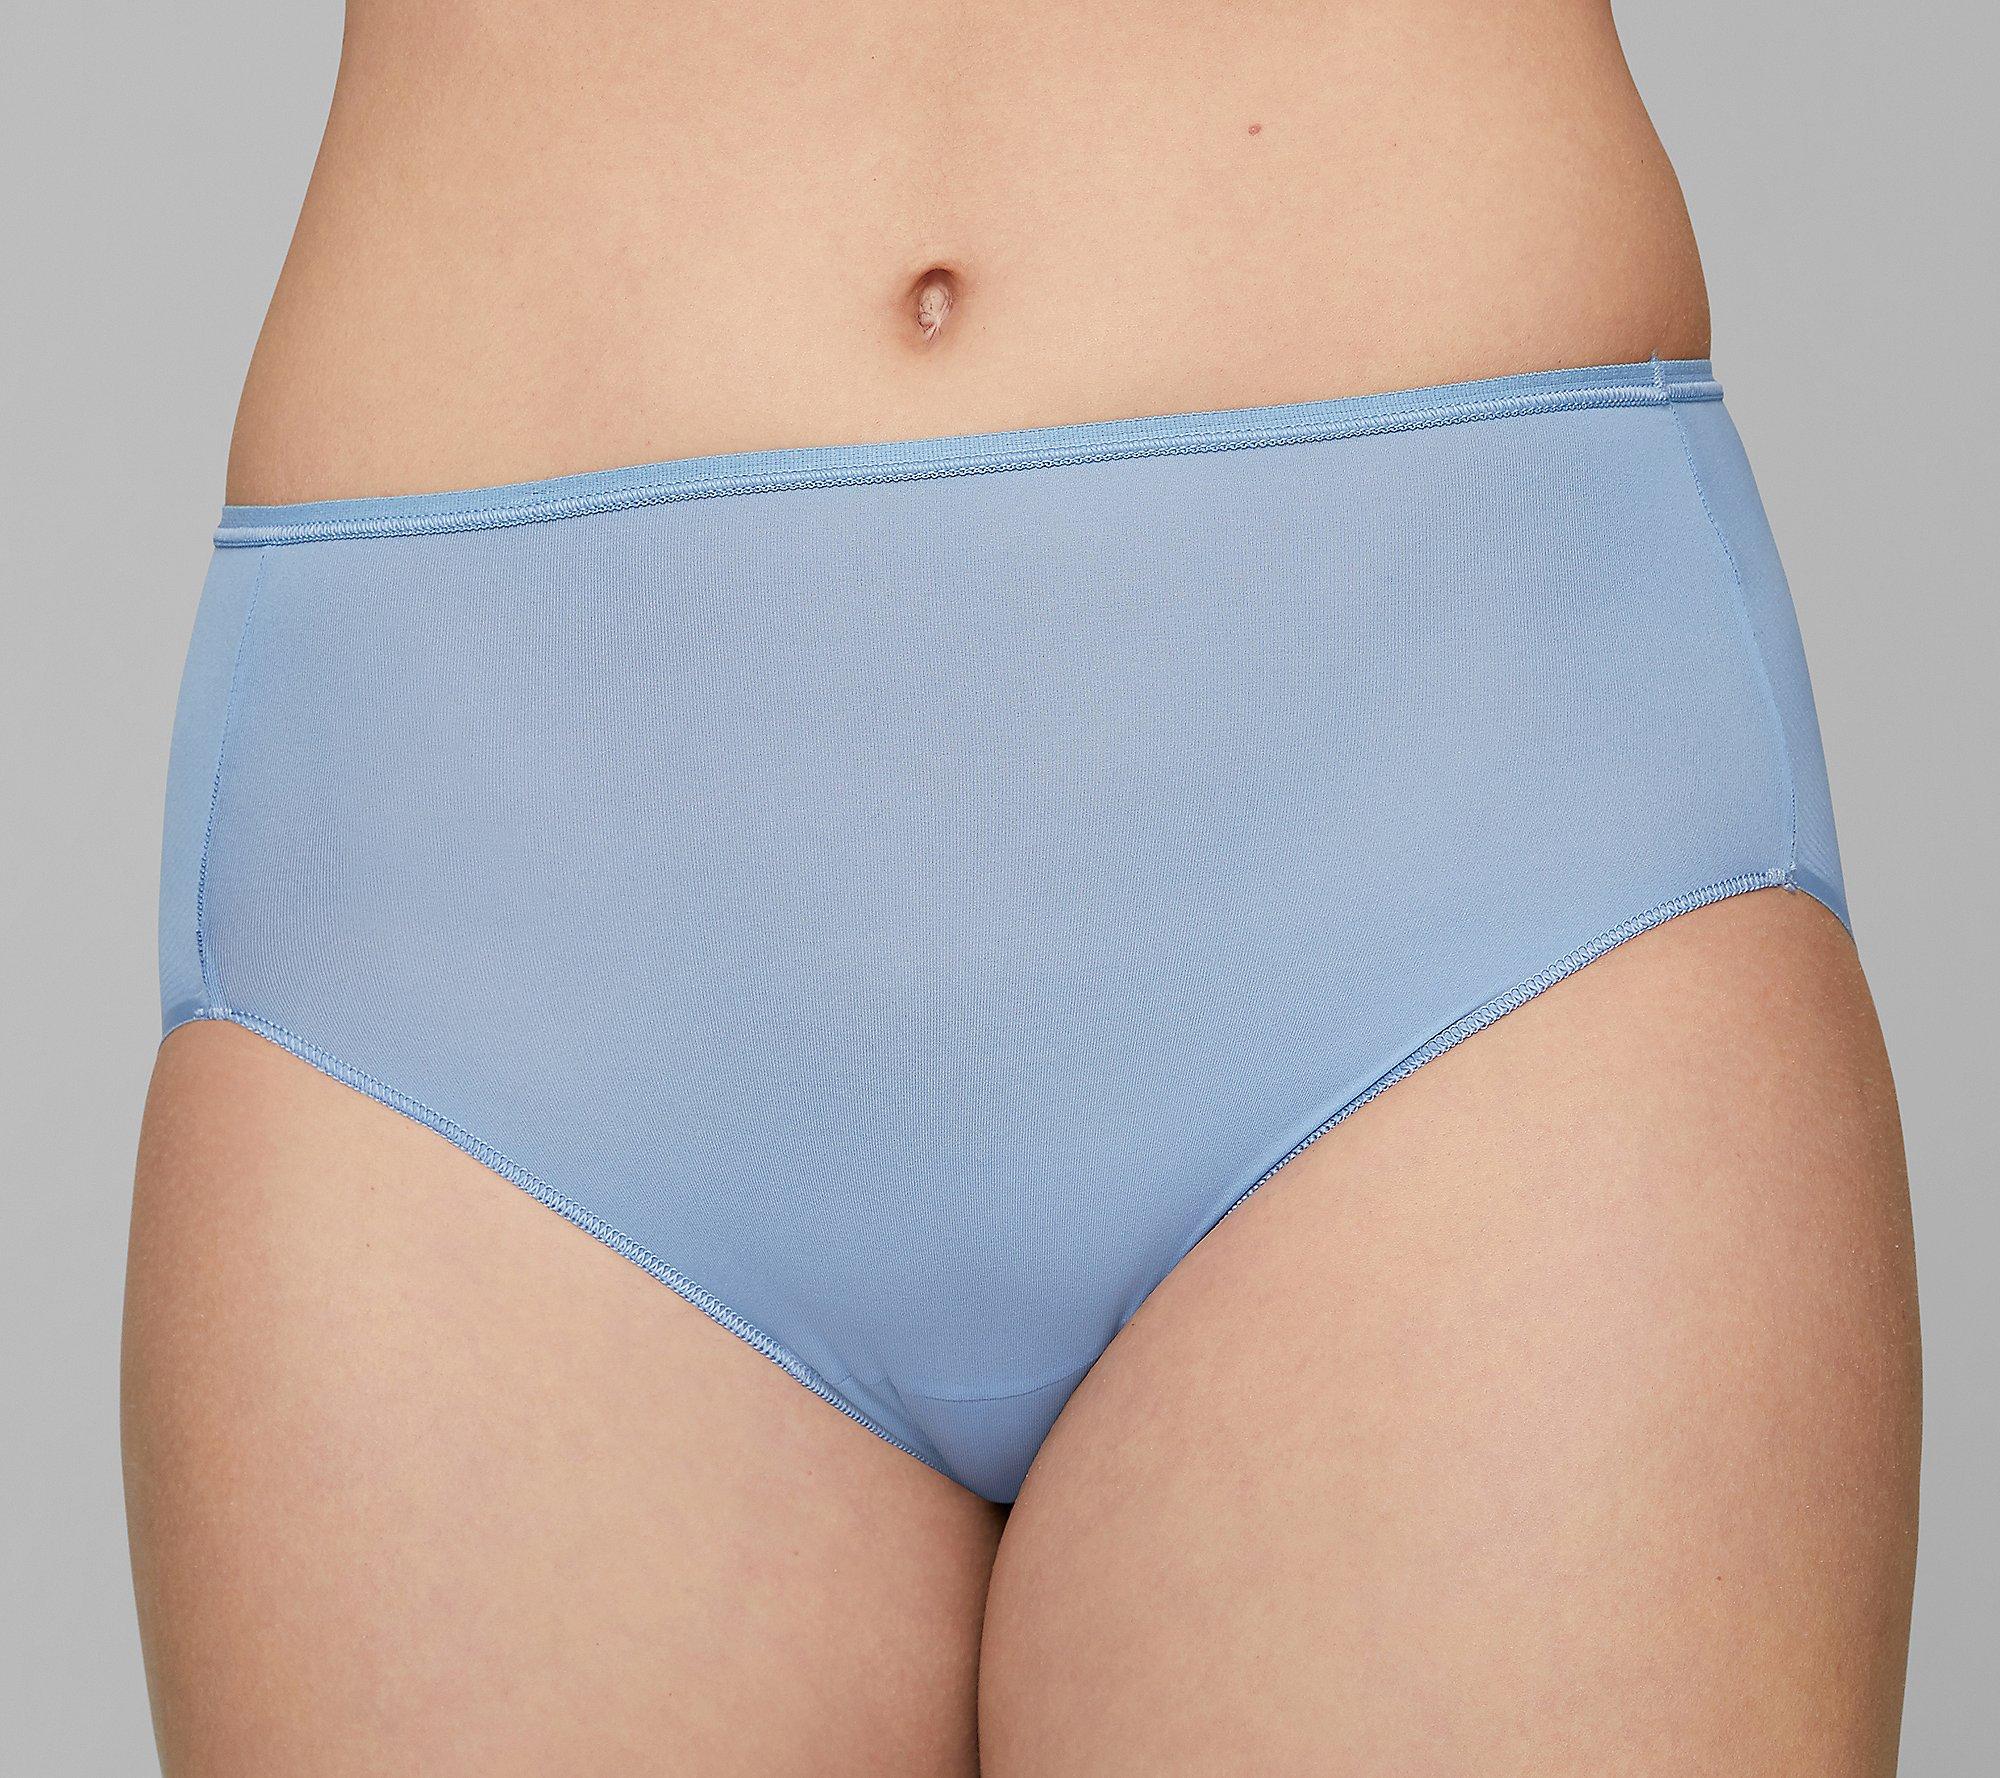 Somoma Brand Panties Photos